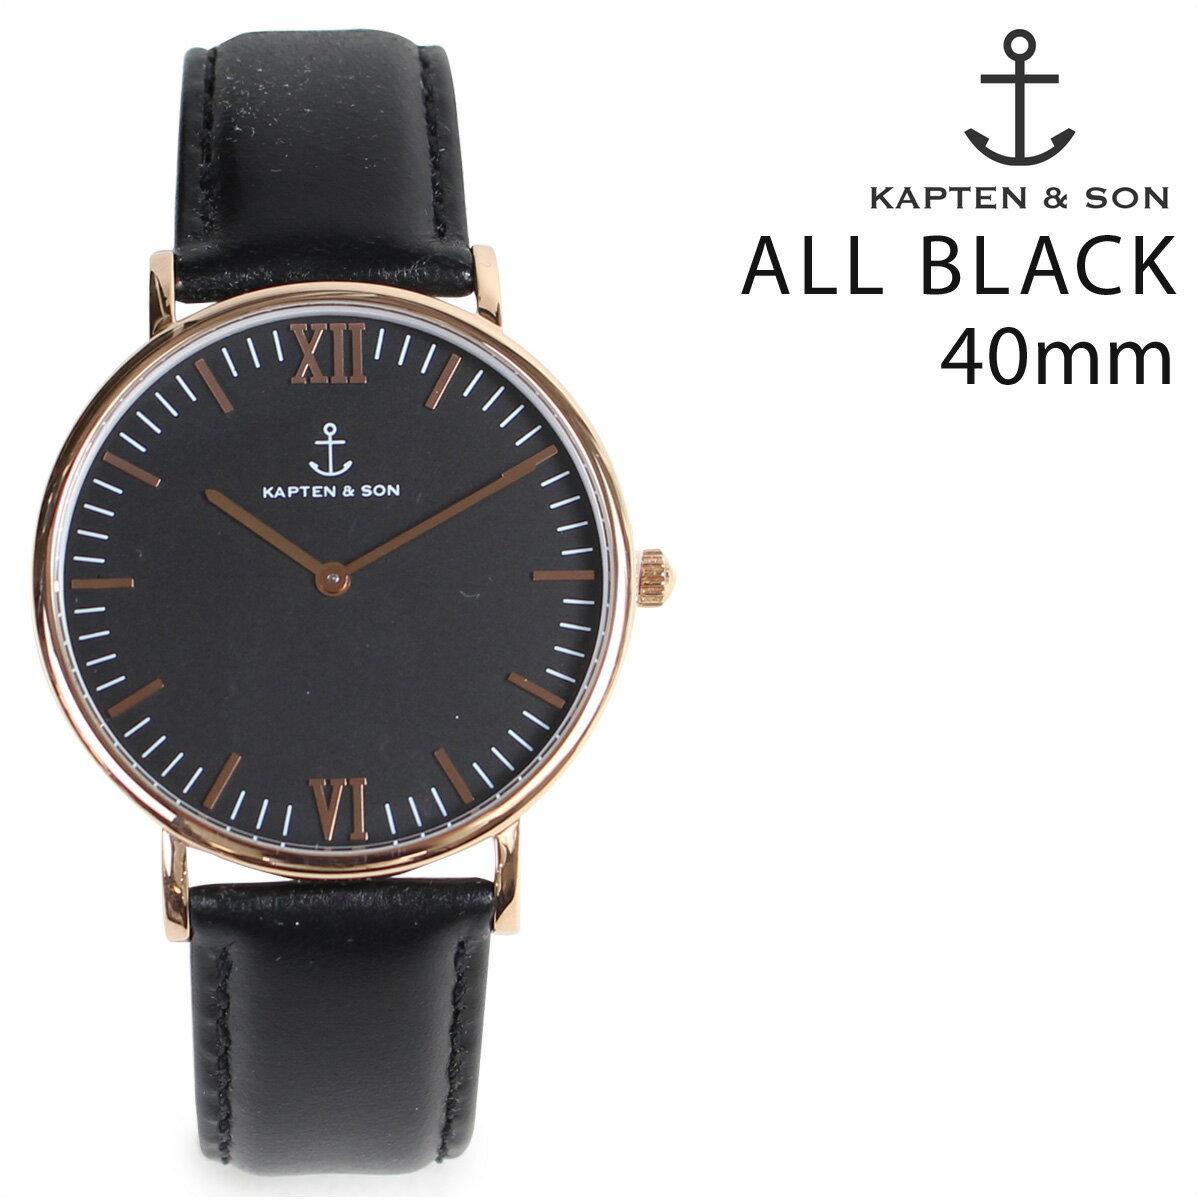 キャプテンアンドサン KAPTEN&SON 腕時計 時計 レディース 40mm レザー ALL BLACK ブラック